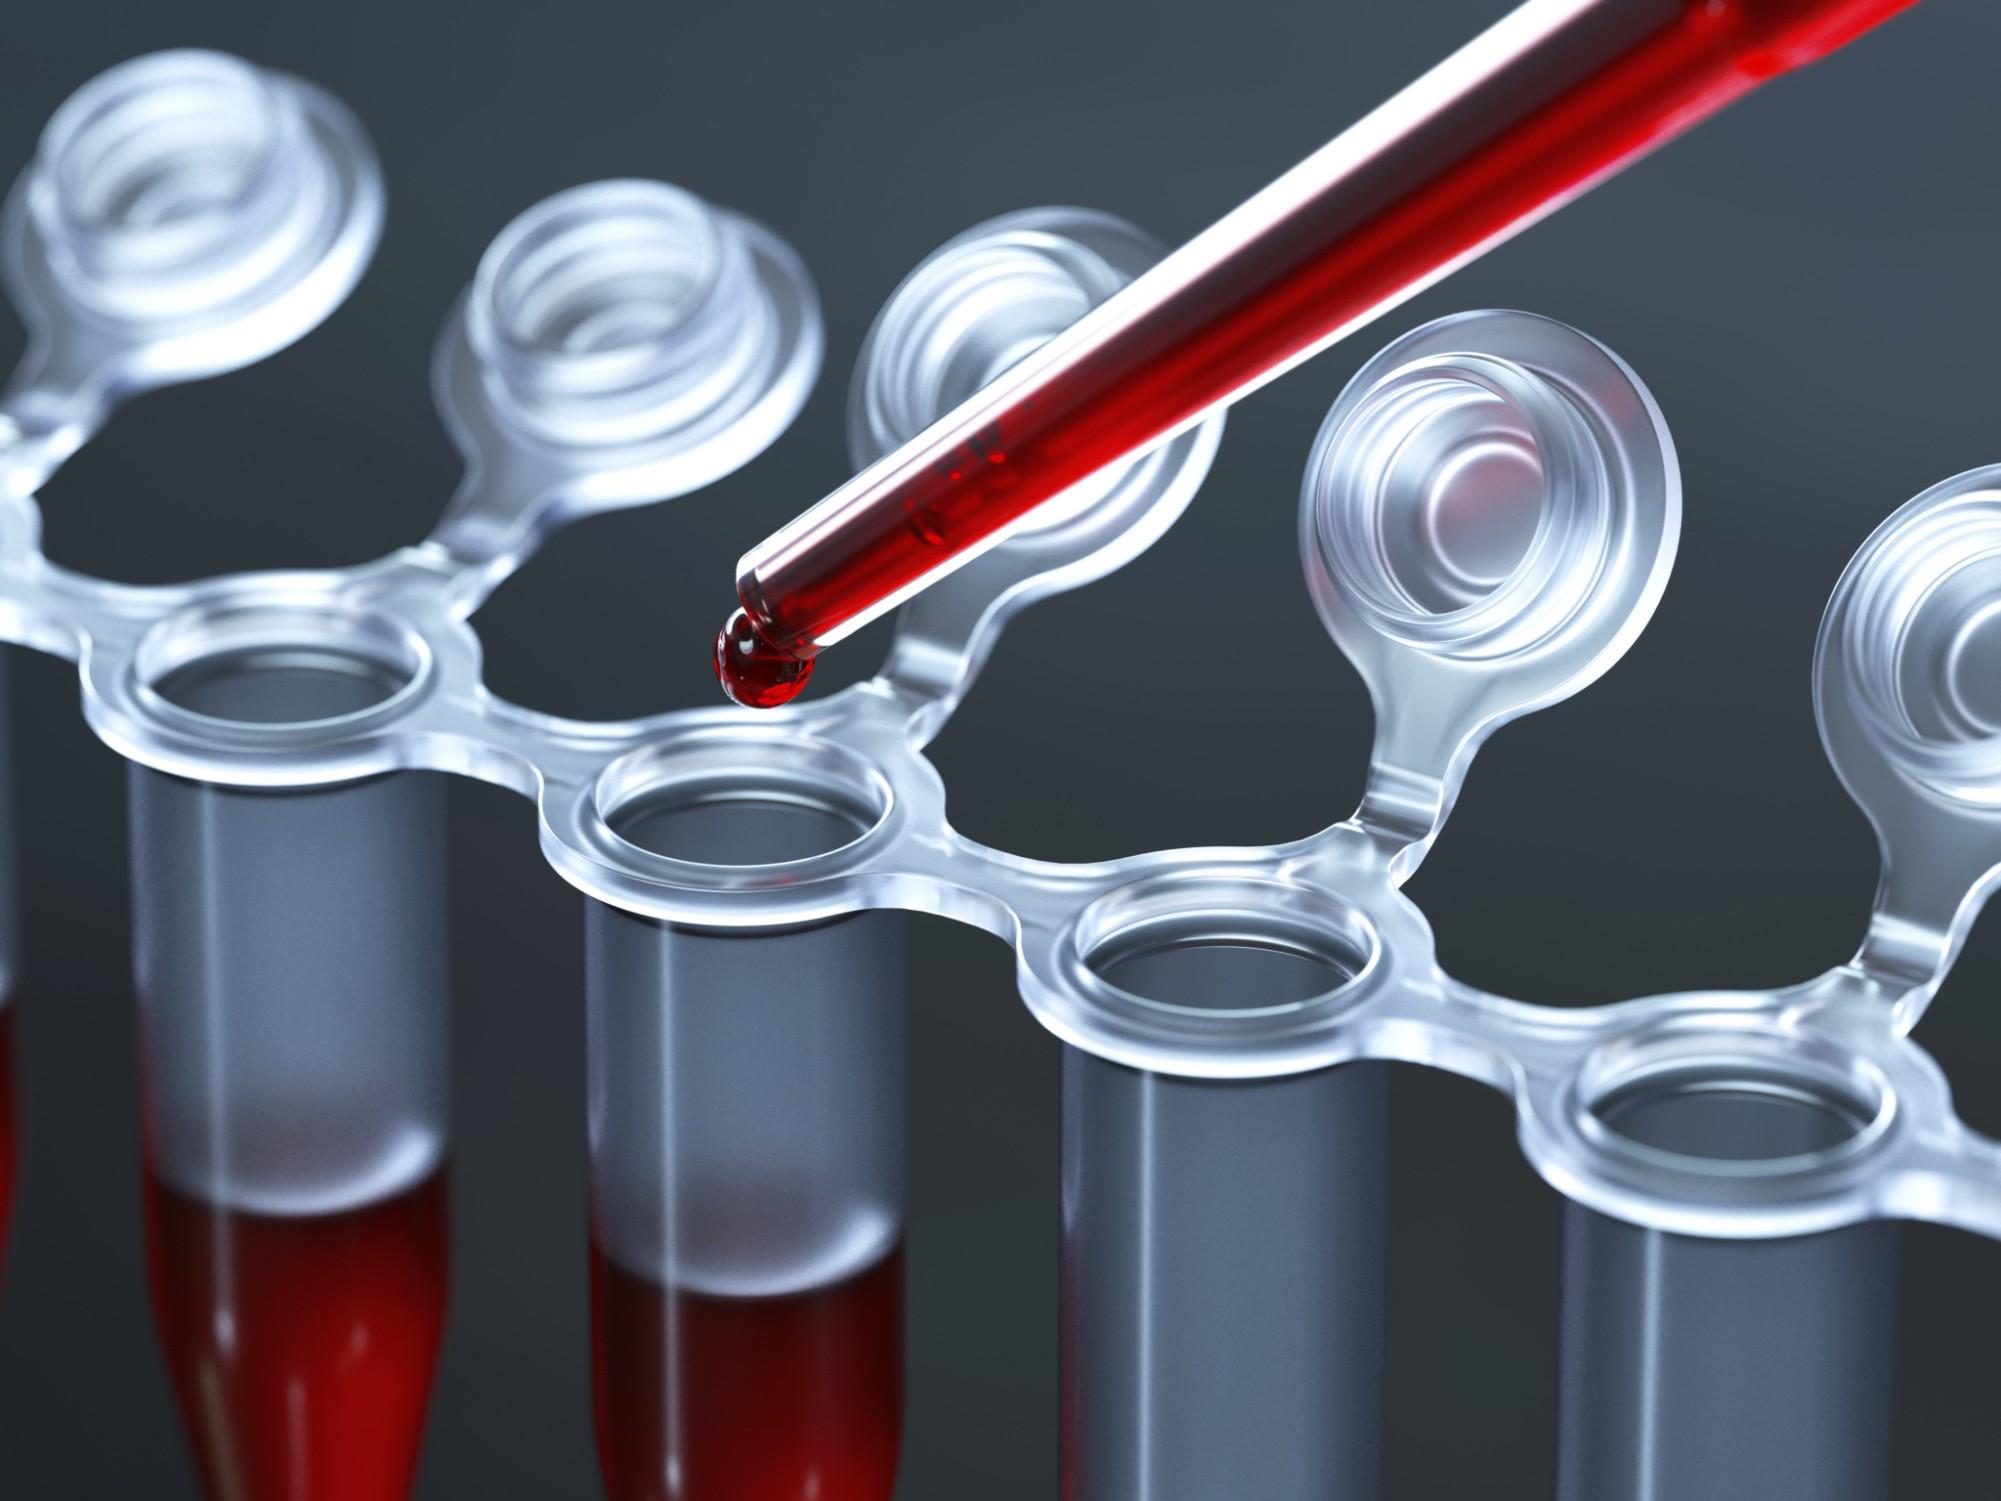 АЛТ и АСТ — что это, норма и причины повышенных показателей в крови